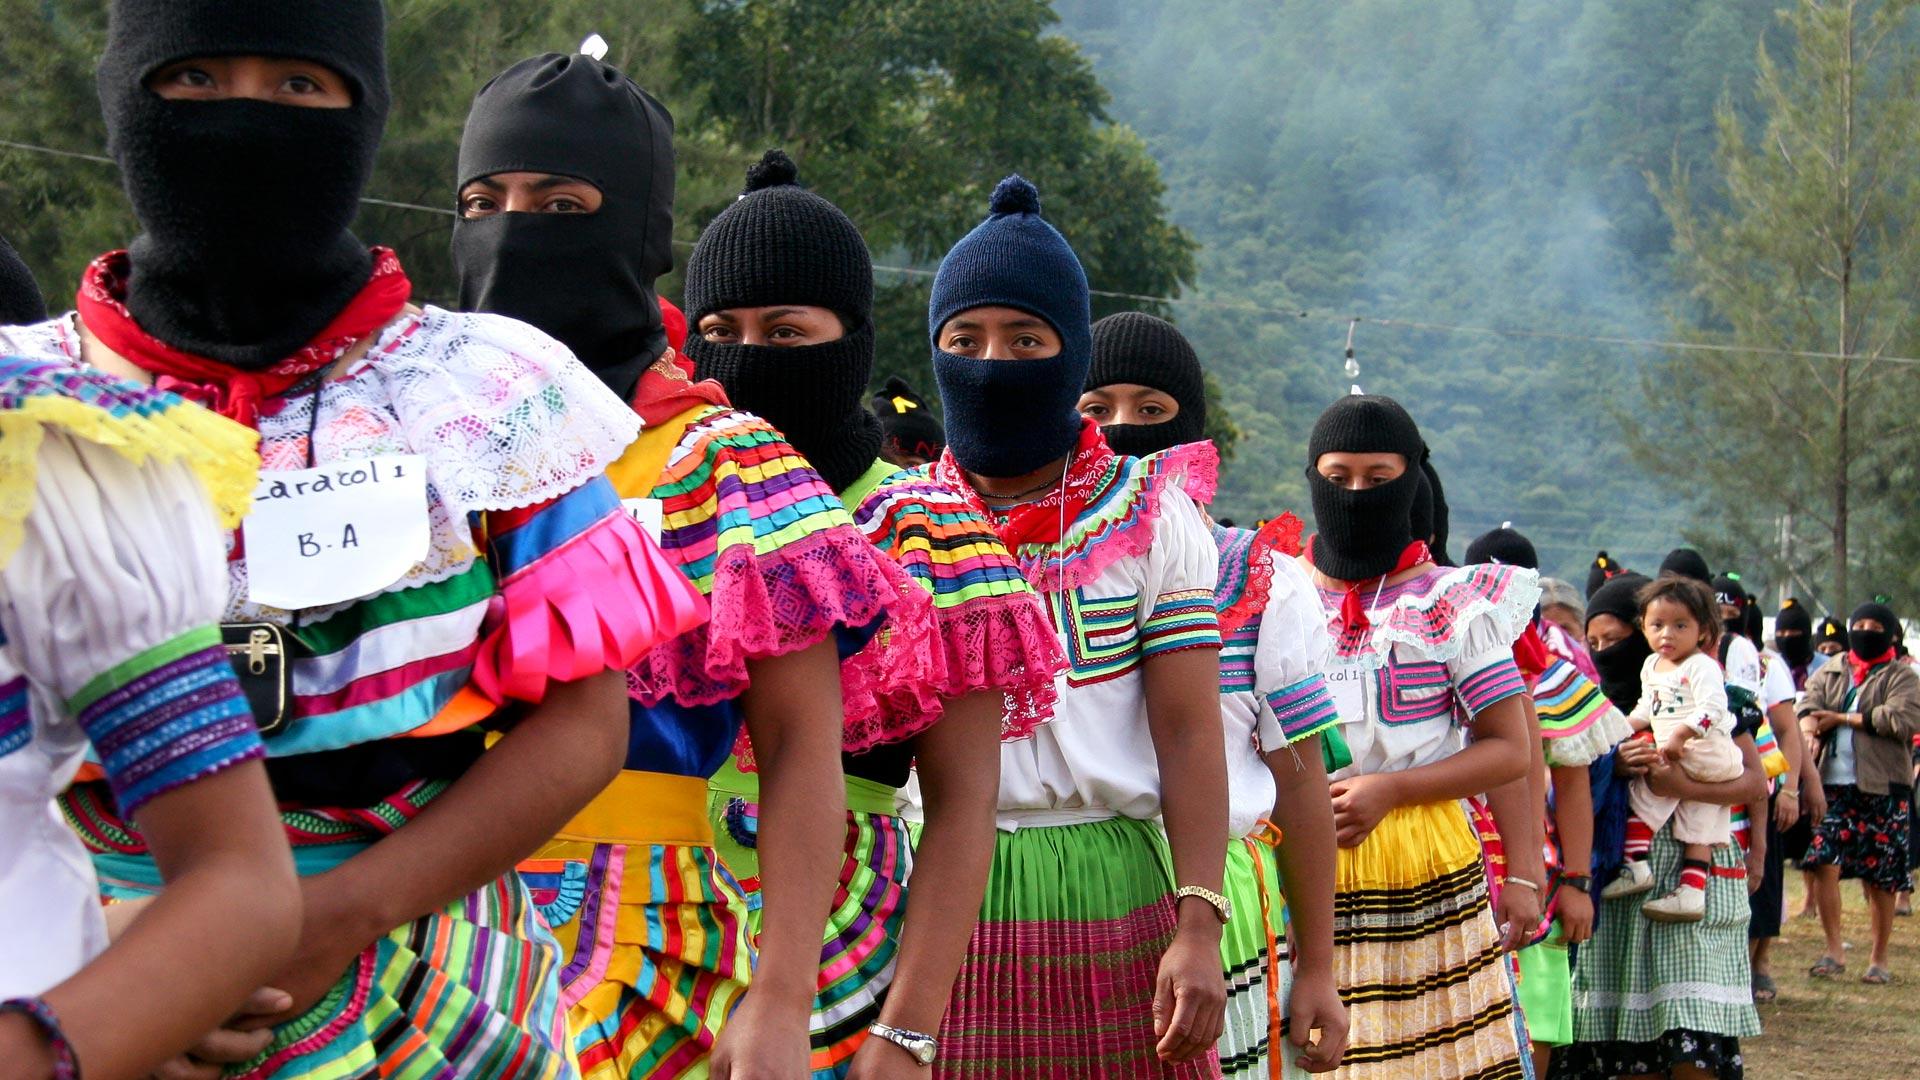 Mexique : une candidate indigène à la présidentielle ?